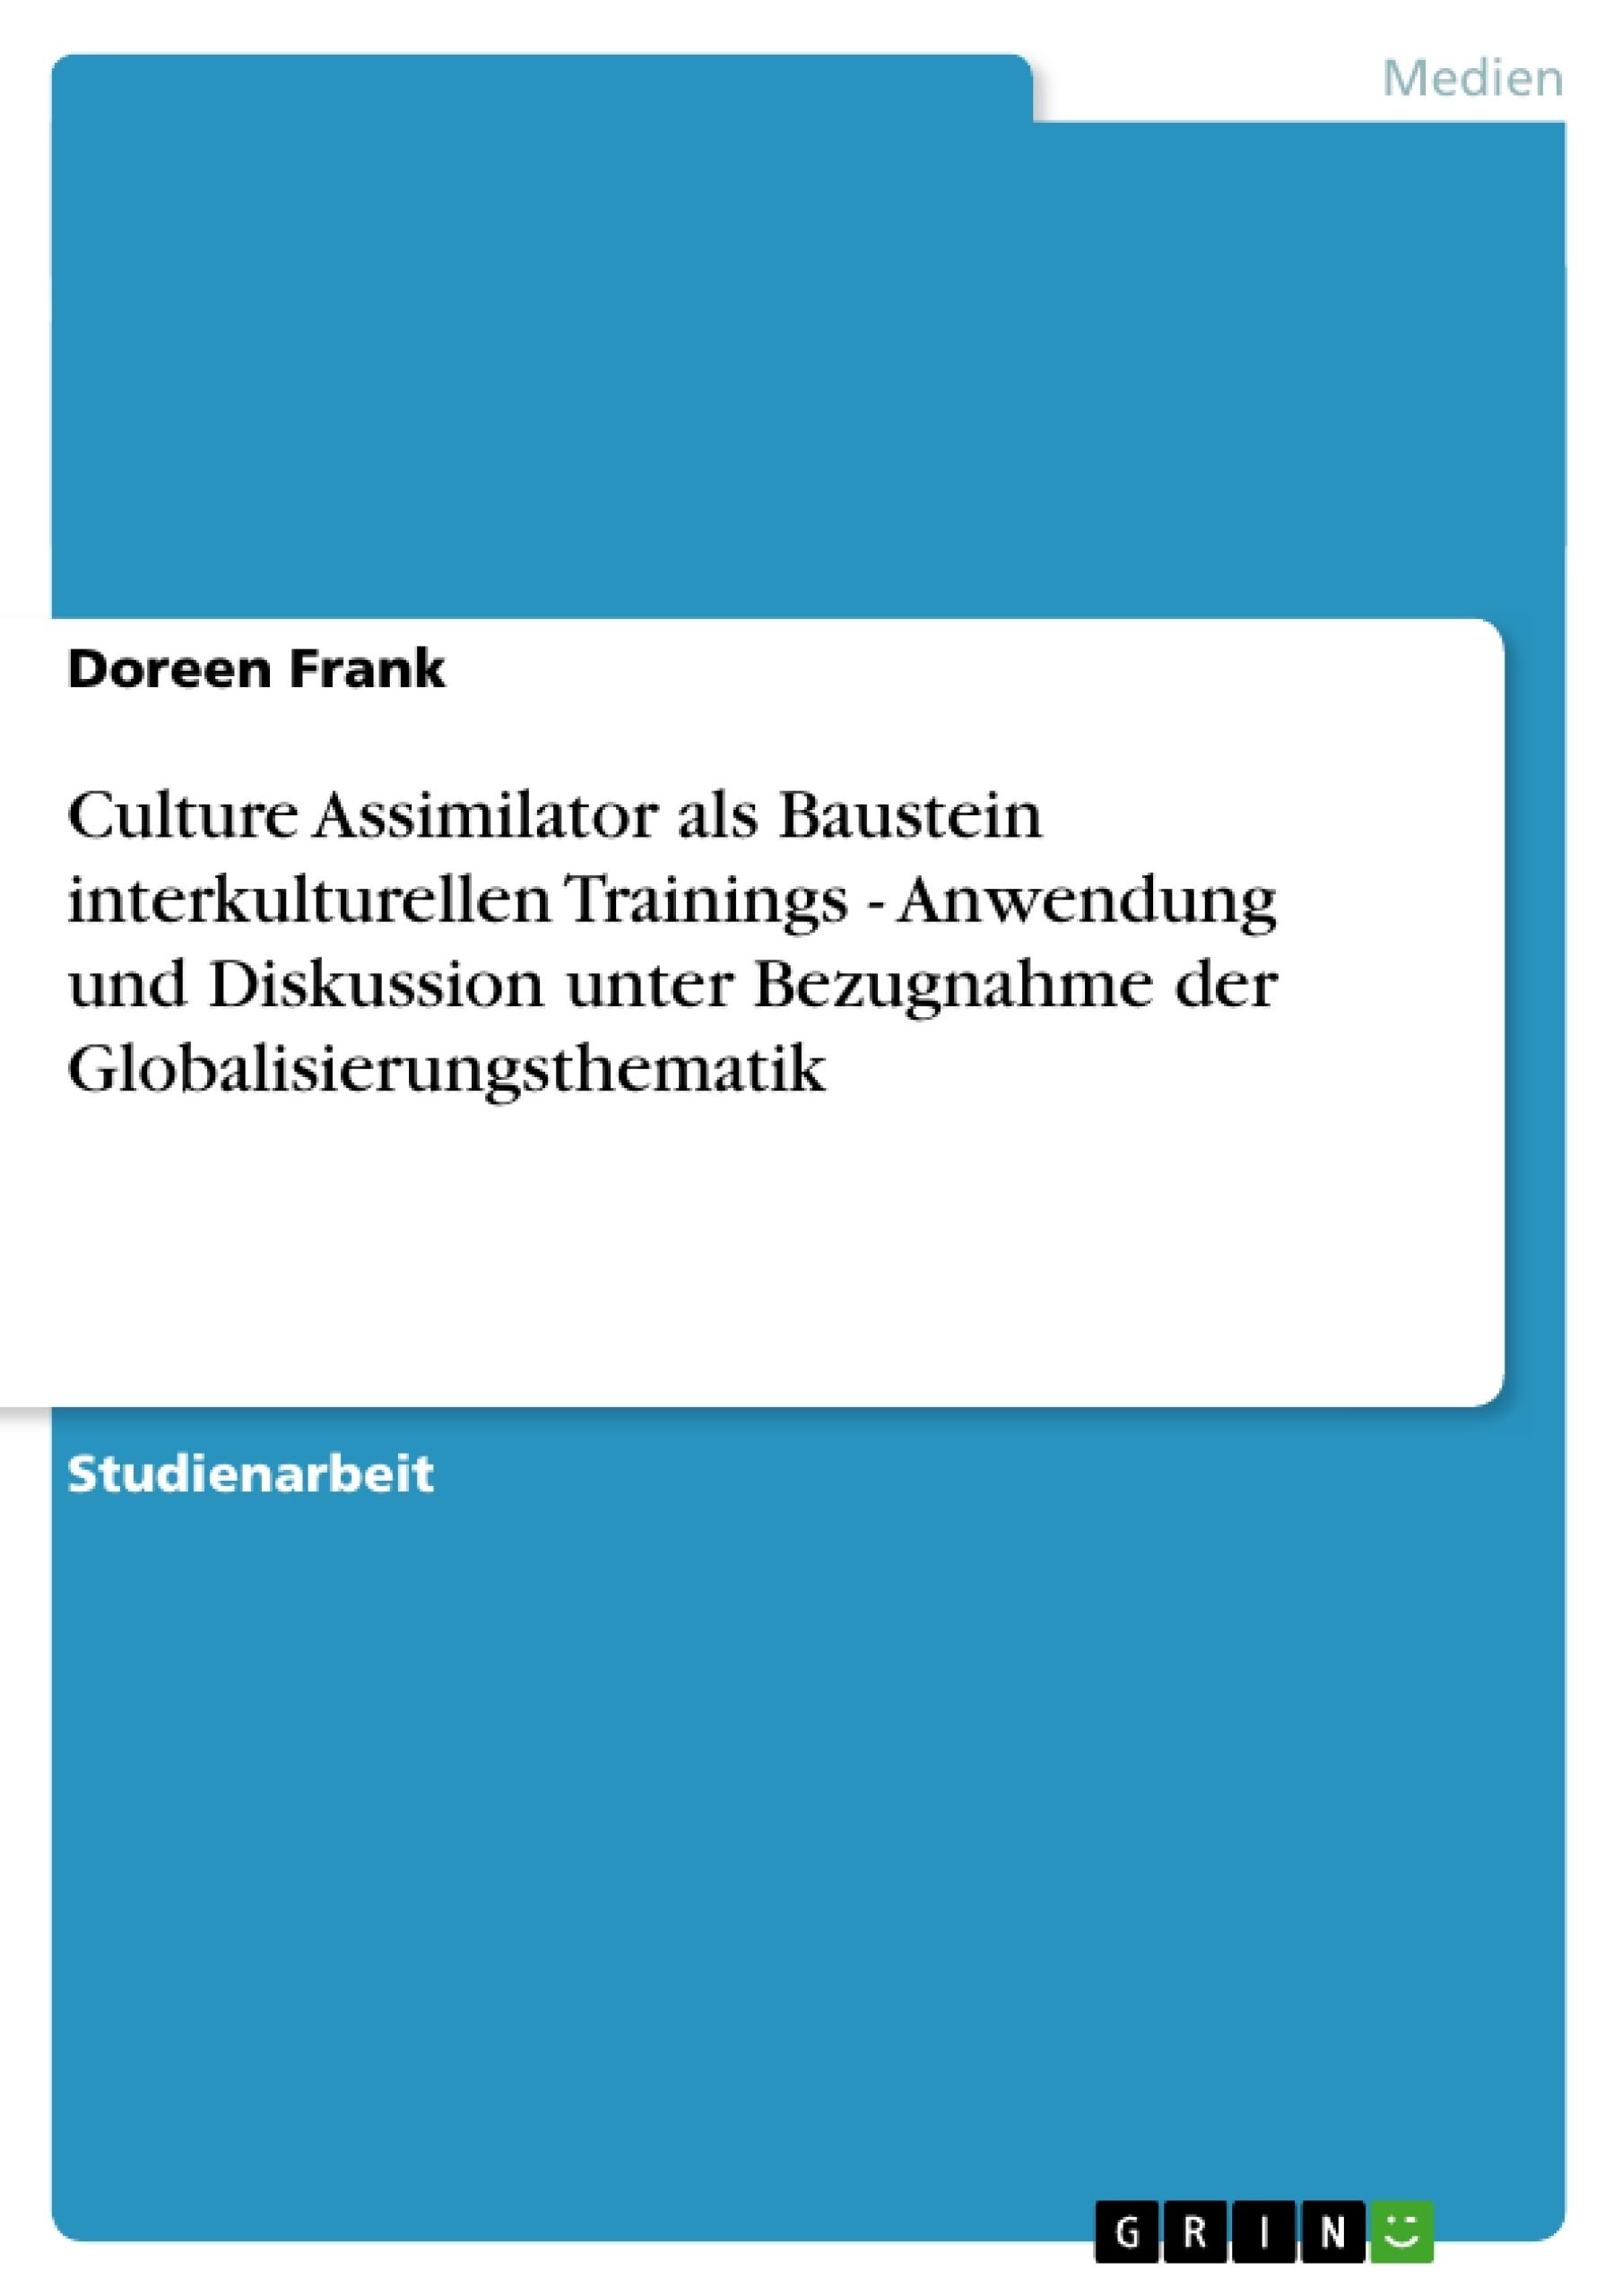 Titel: Culture Assimilator als Baustein interkulturellen Trainings - Anwendung und Diskussion unter Bezugnahme der Globalisierungsthematik